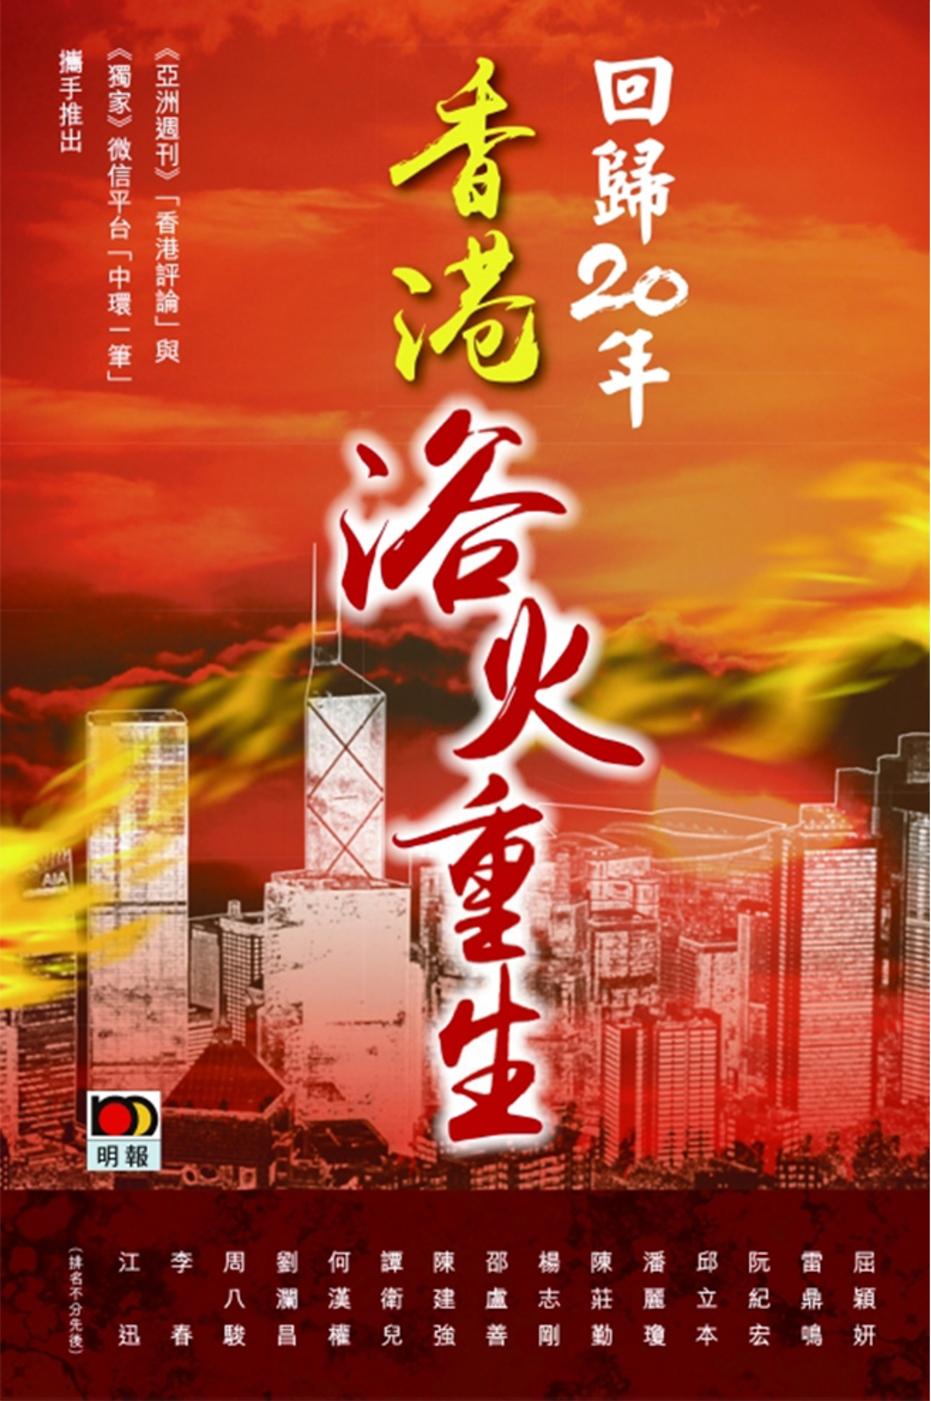 回歸20年:香港浴火重生